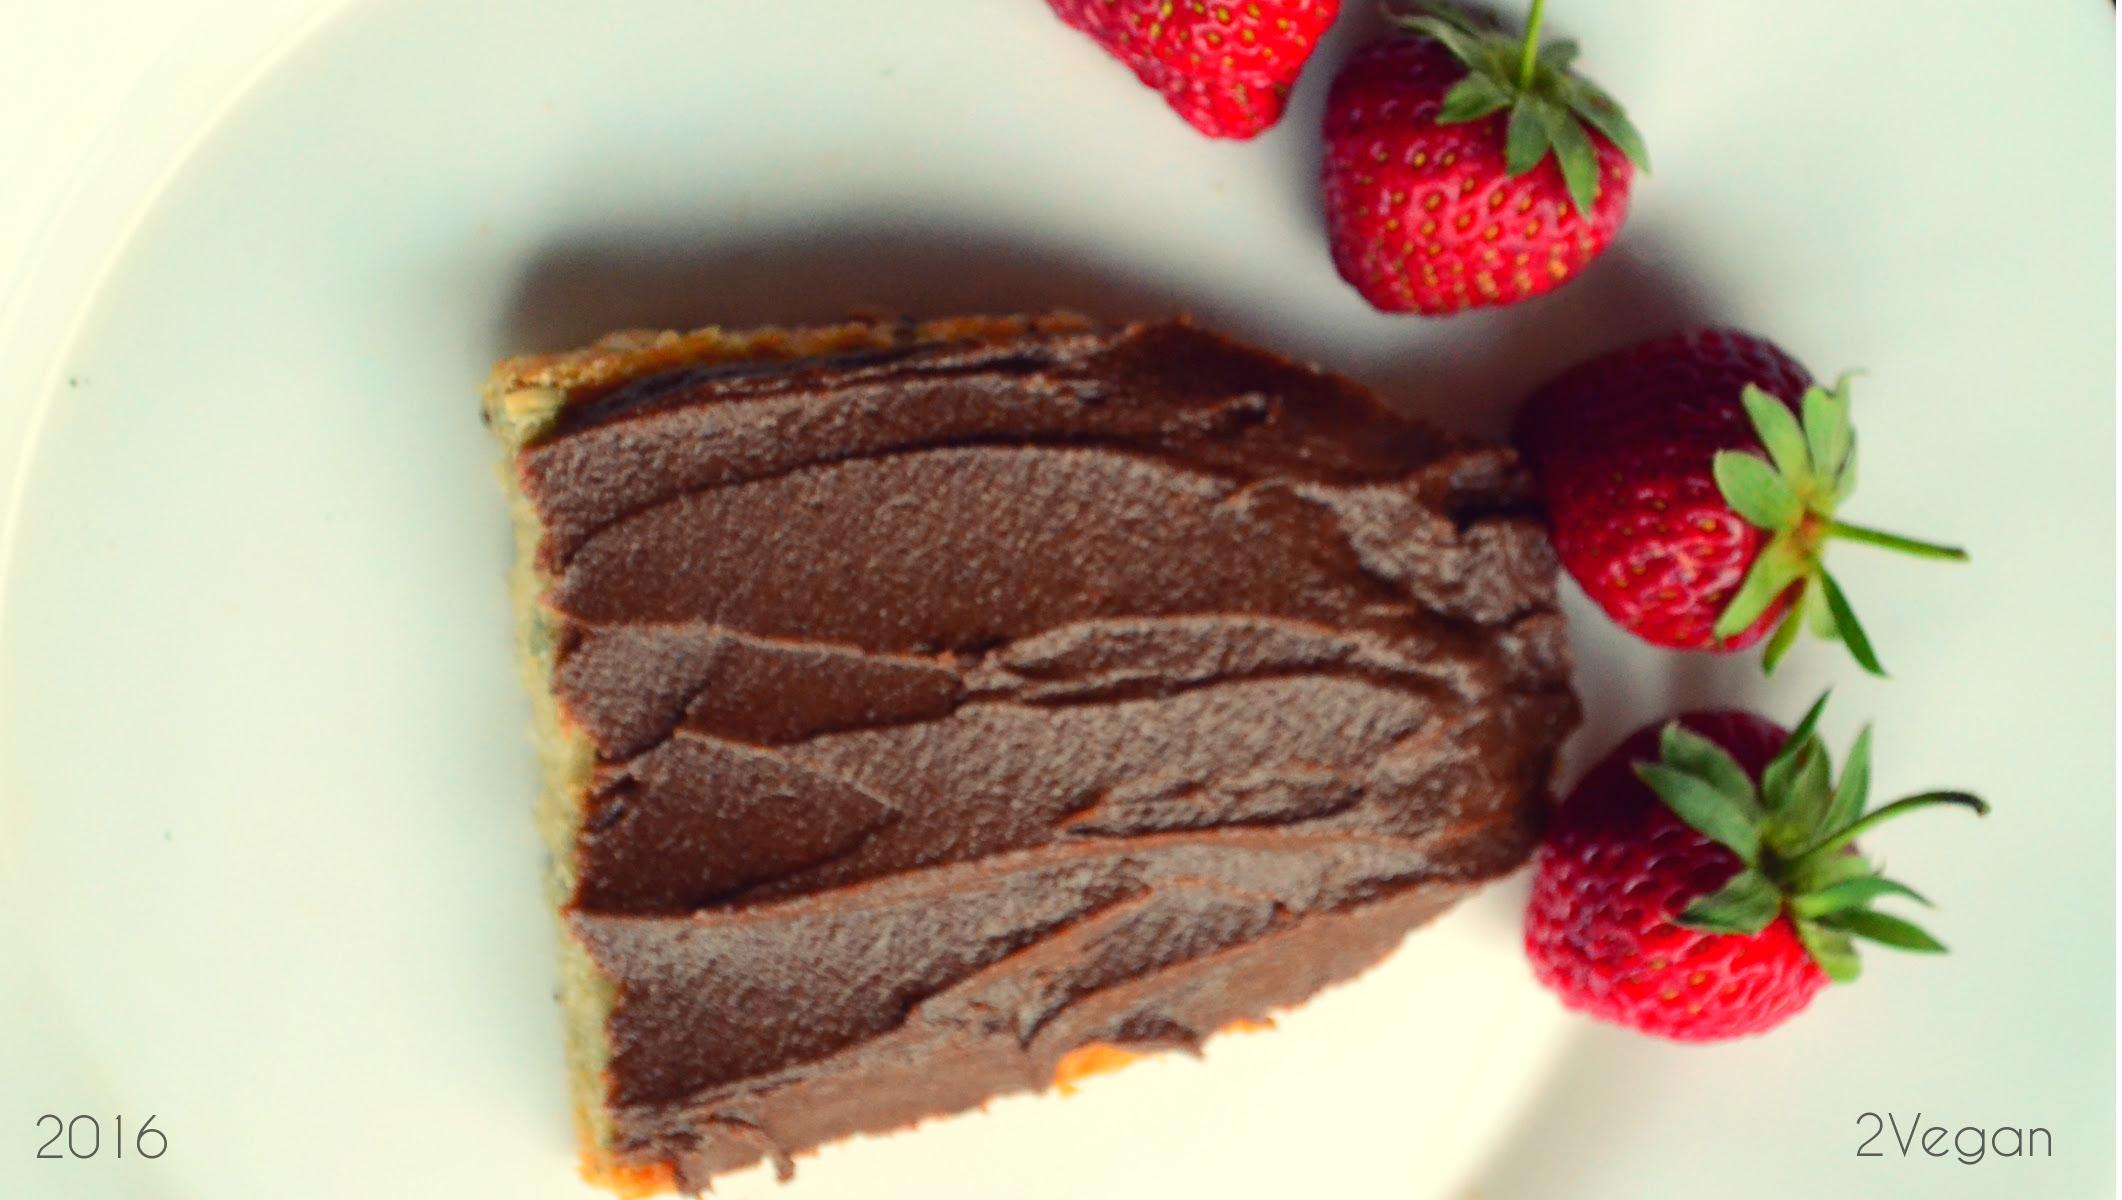 ciocolata_2